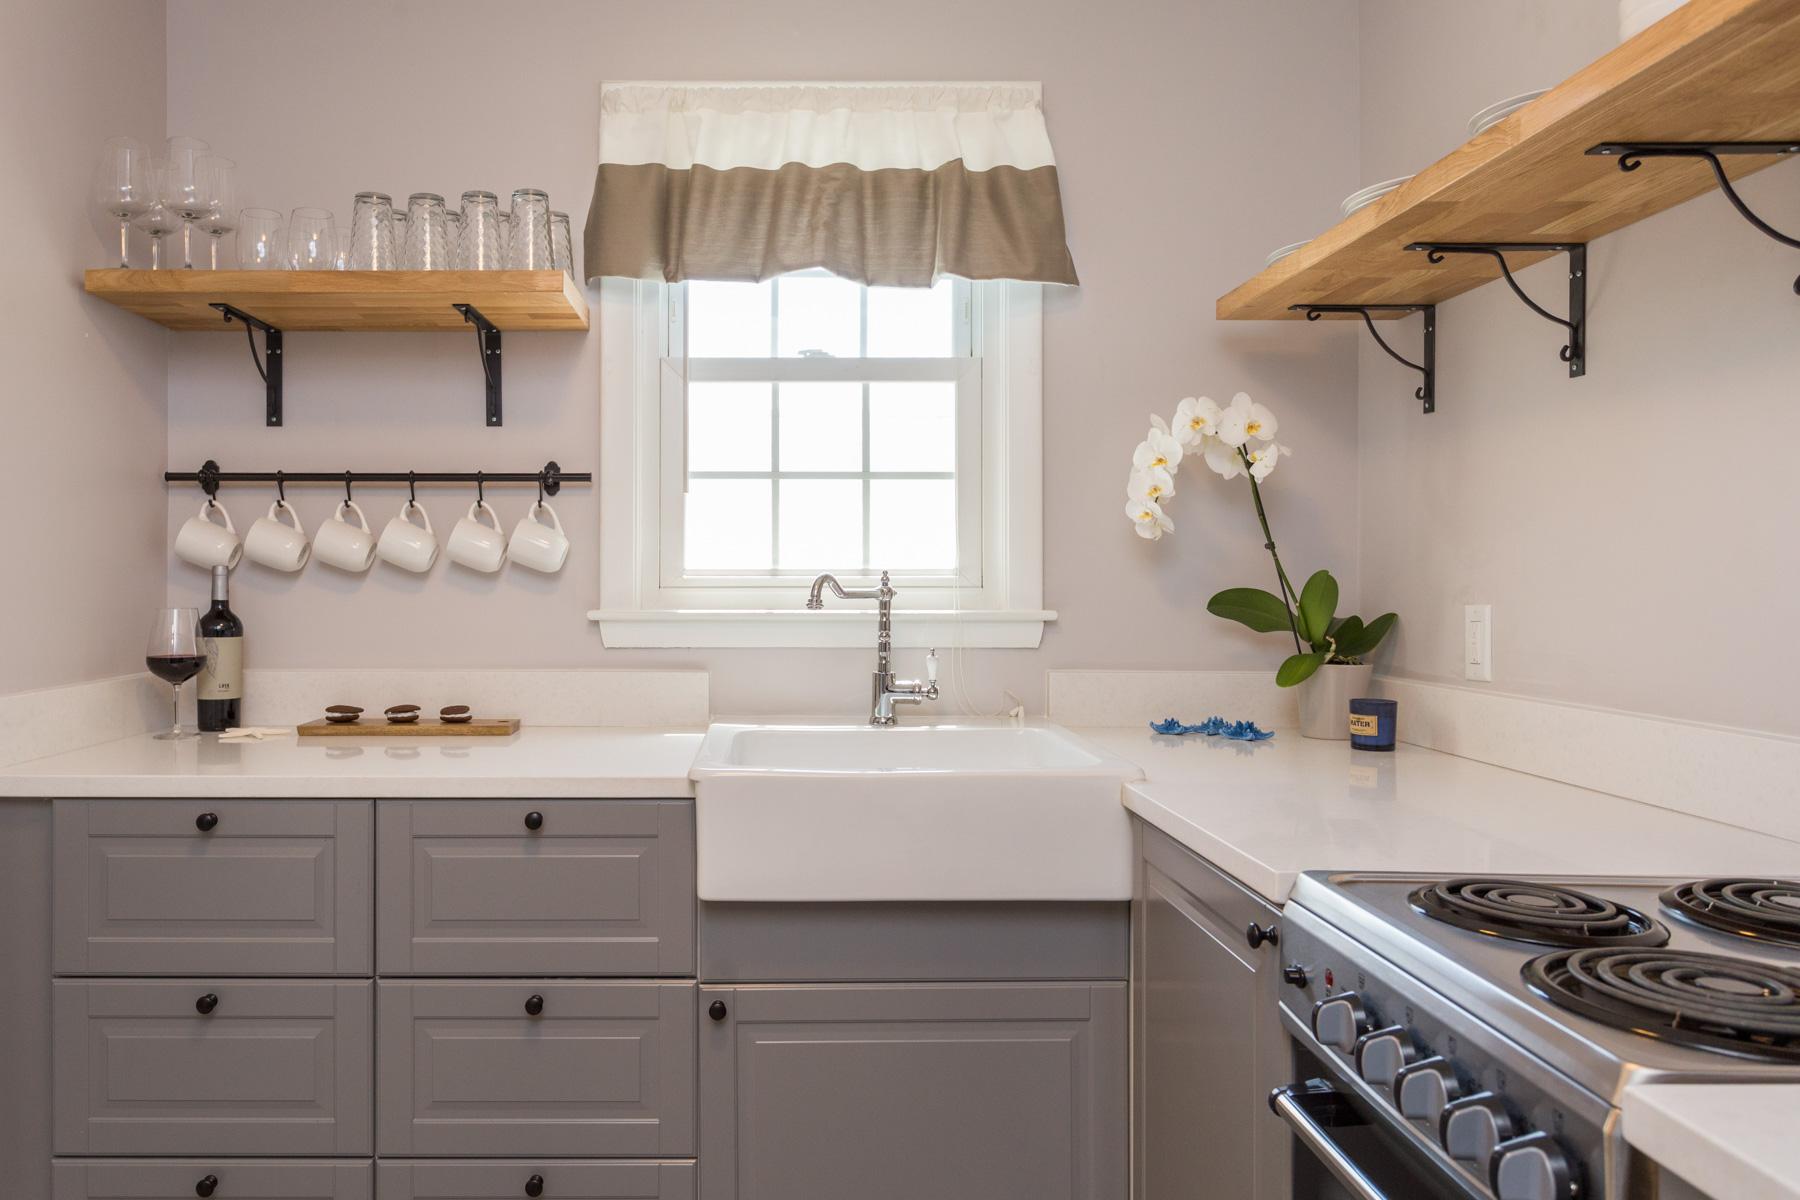 IMG_3830-2_kitchen5B.jpg